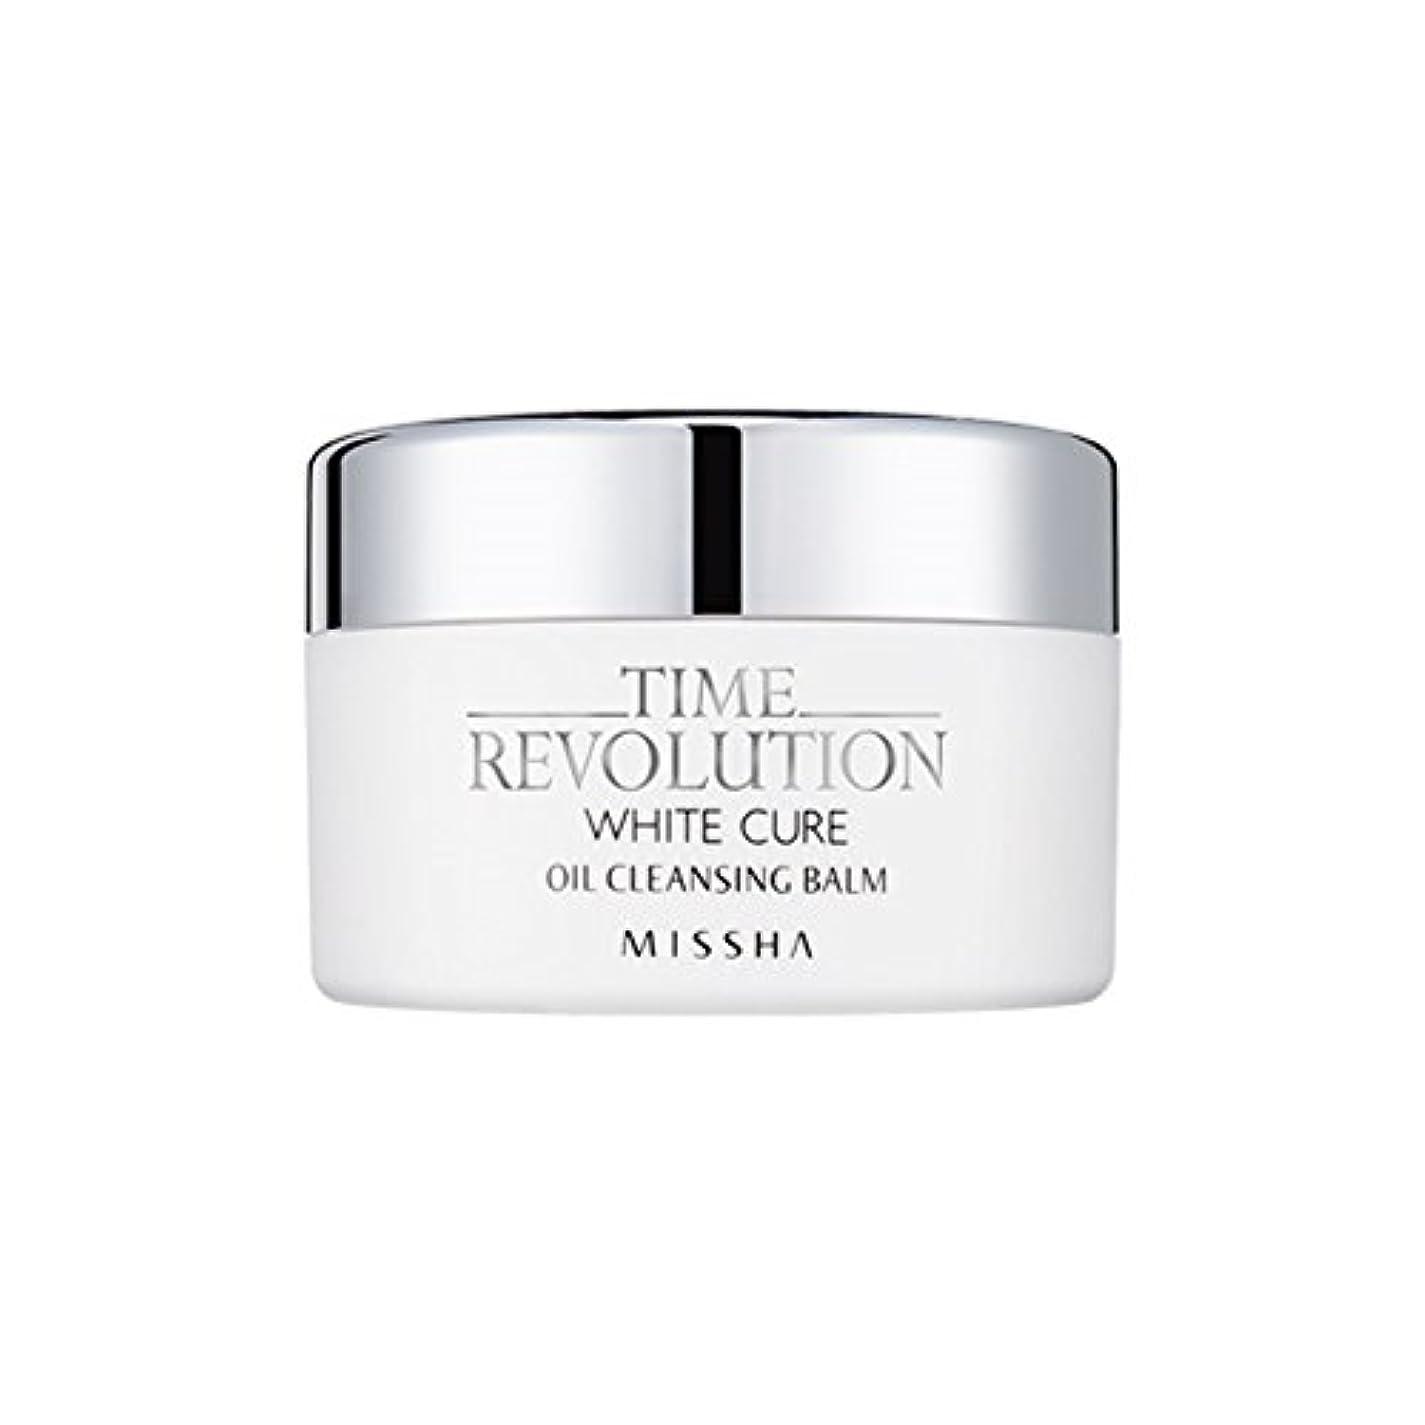 アレキサンダーグラハムベル水平奴隷[New] MISSHA Time Revolution White Cure Oil Cleansing Balm 105g/ミシャ タイムレボリューション ホワイト キュア オイル クレンジング バーム 105g